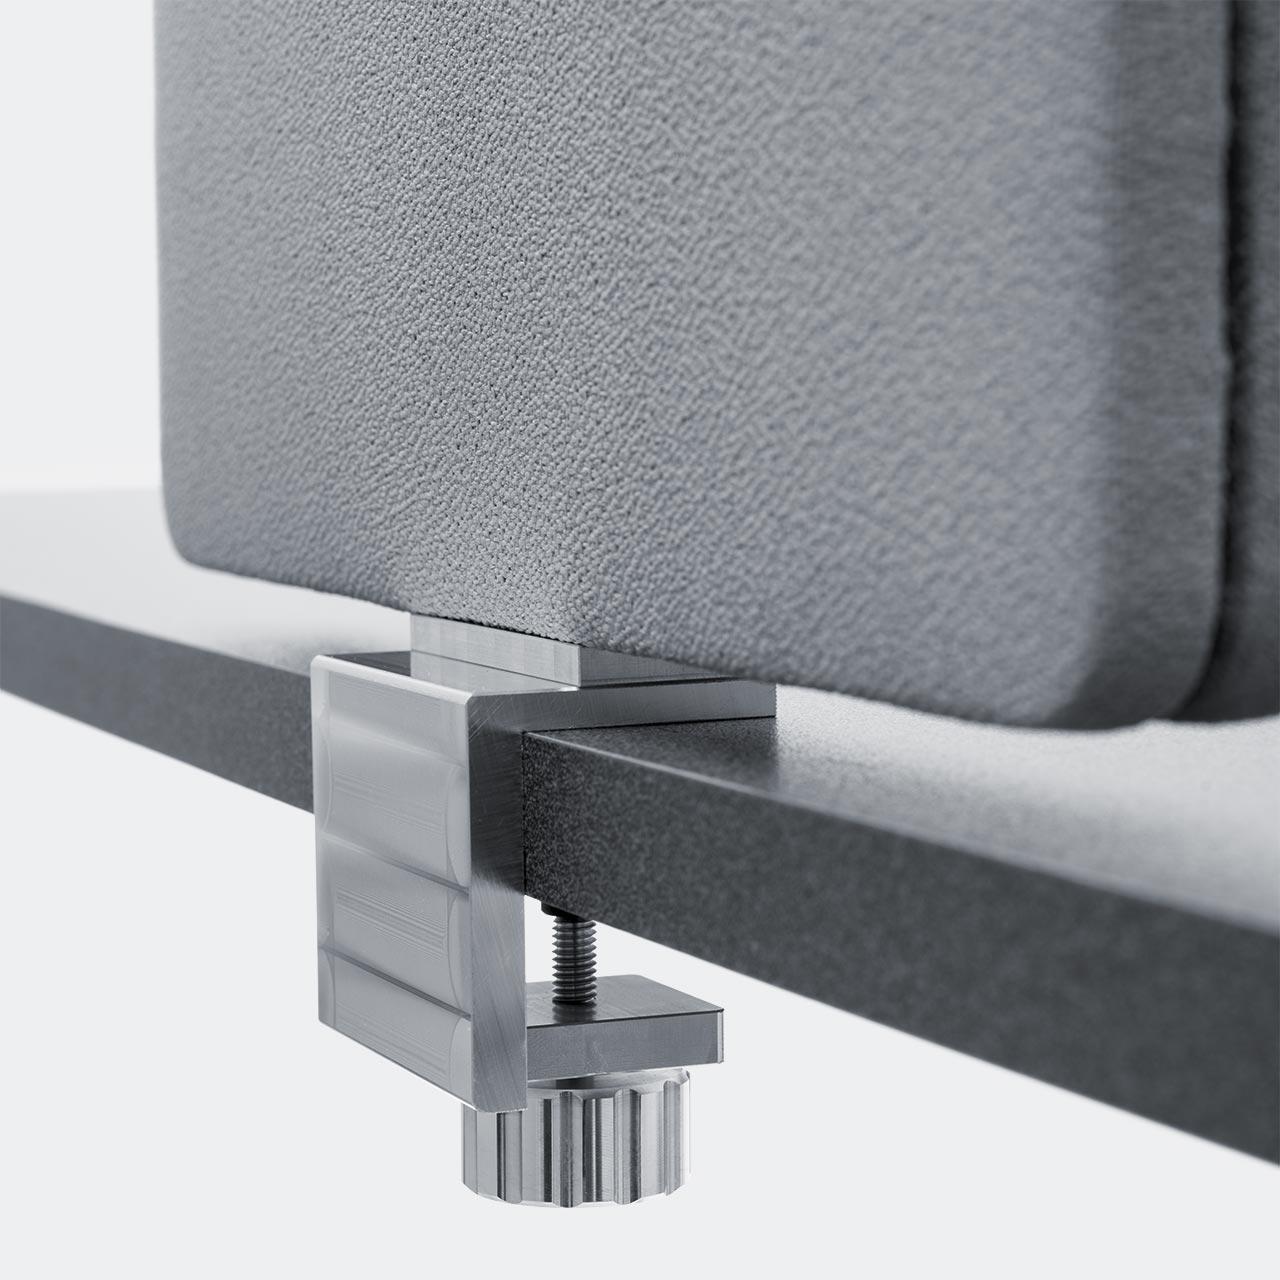 Tischaufsätze WING ON TABLE - direkter Schallabsorber - B11